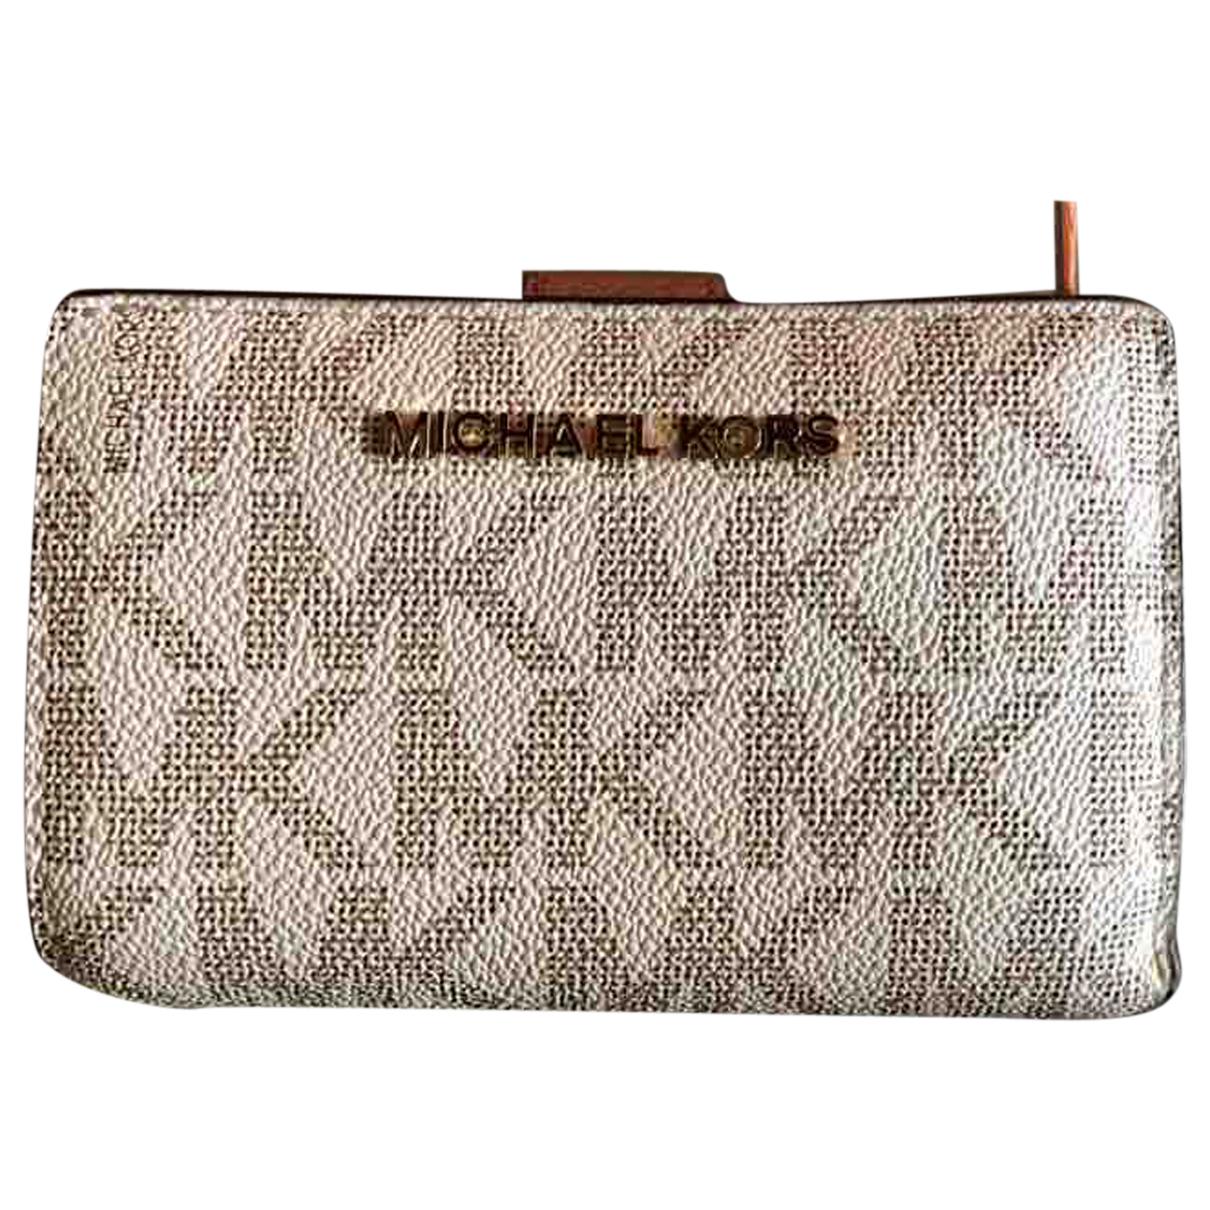 Michael Kors - Portefeuille   pour femme en autre